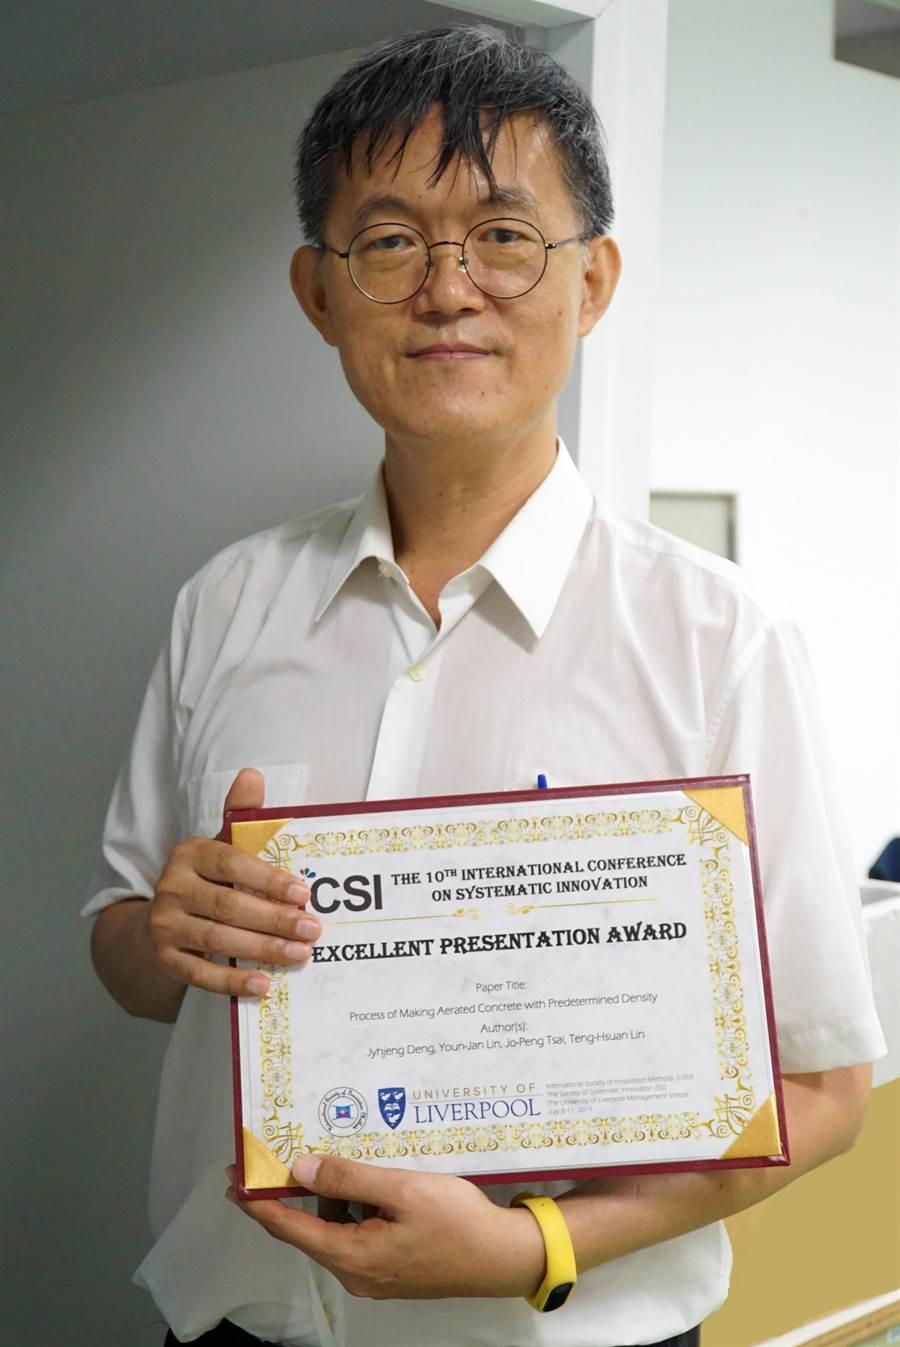 大葉大學工工系主任鄧志堅獲頒英國國際研討會優秀論文發表獎。(謝瓊雲翻攝)